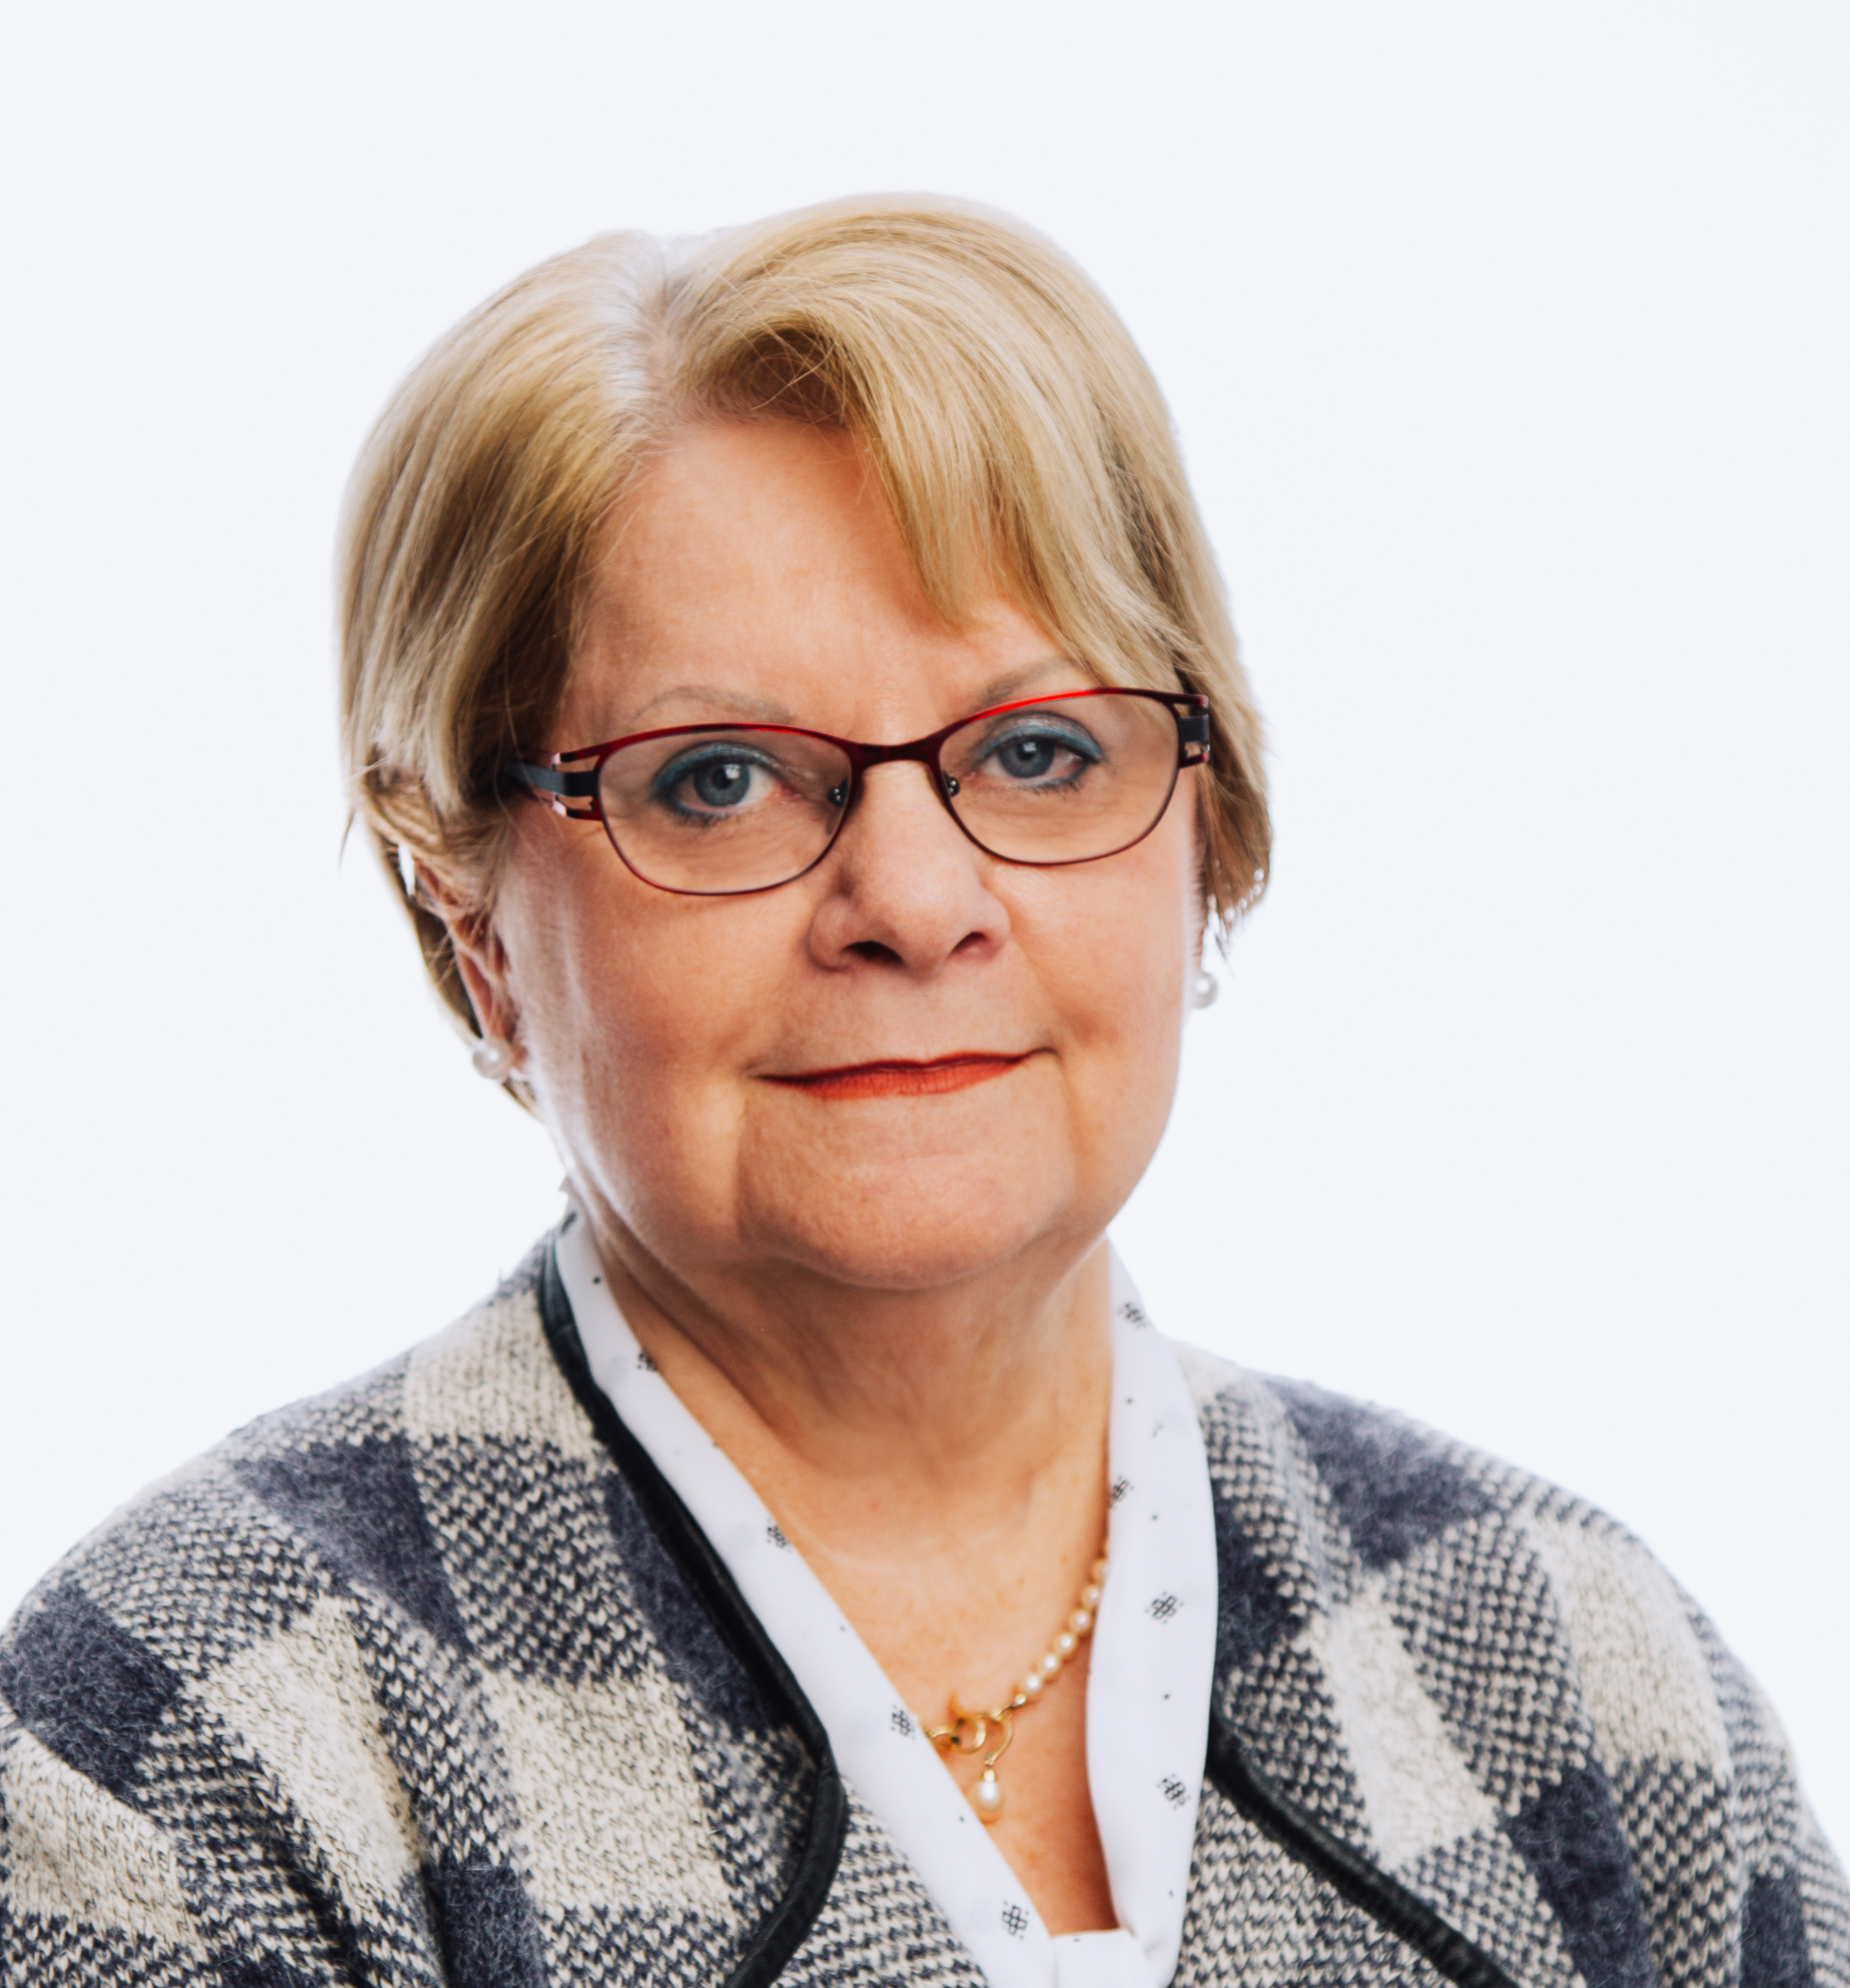 Lettre ouverte de Lise Lapointe, présidente de l'AREQ, suite au rapport de la protectrice du citoyen